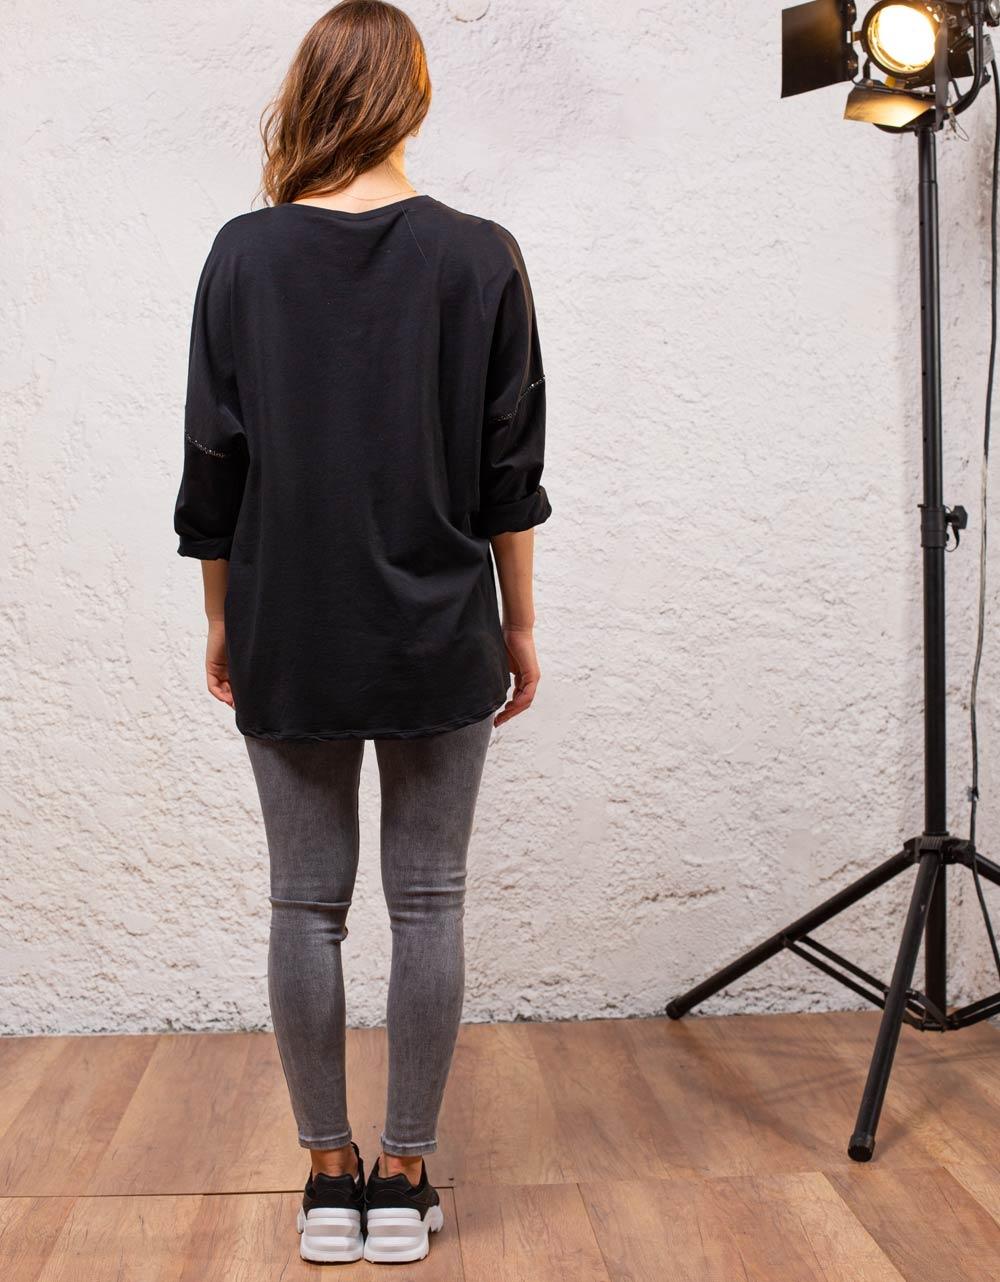 Εικόνα από Γυναικεία μπλούζα με σχέδια Μαύρο